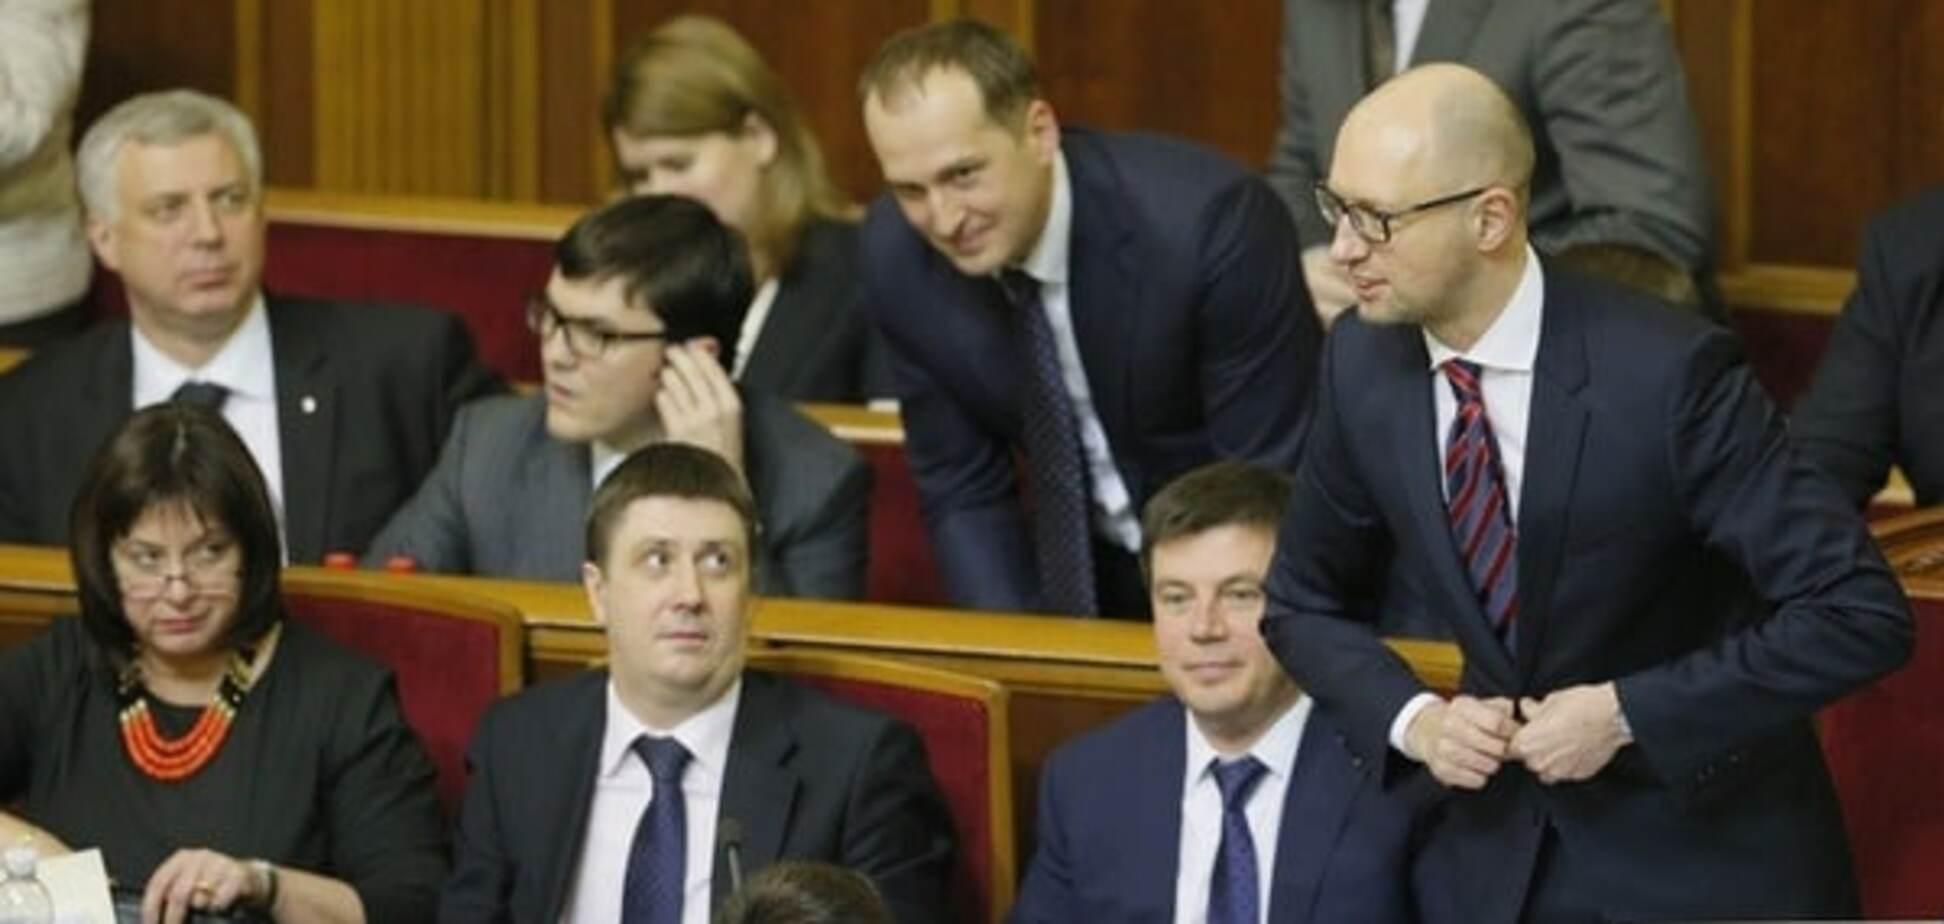 Тяжкий тягар влади: як озолотився Кабмін Яценюка за роки правління